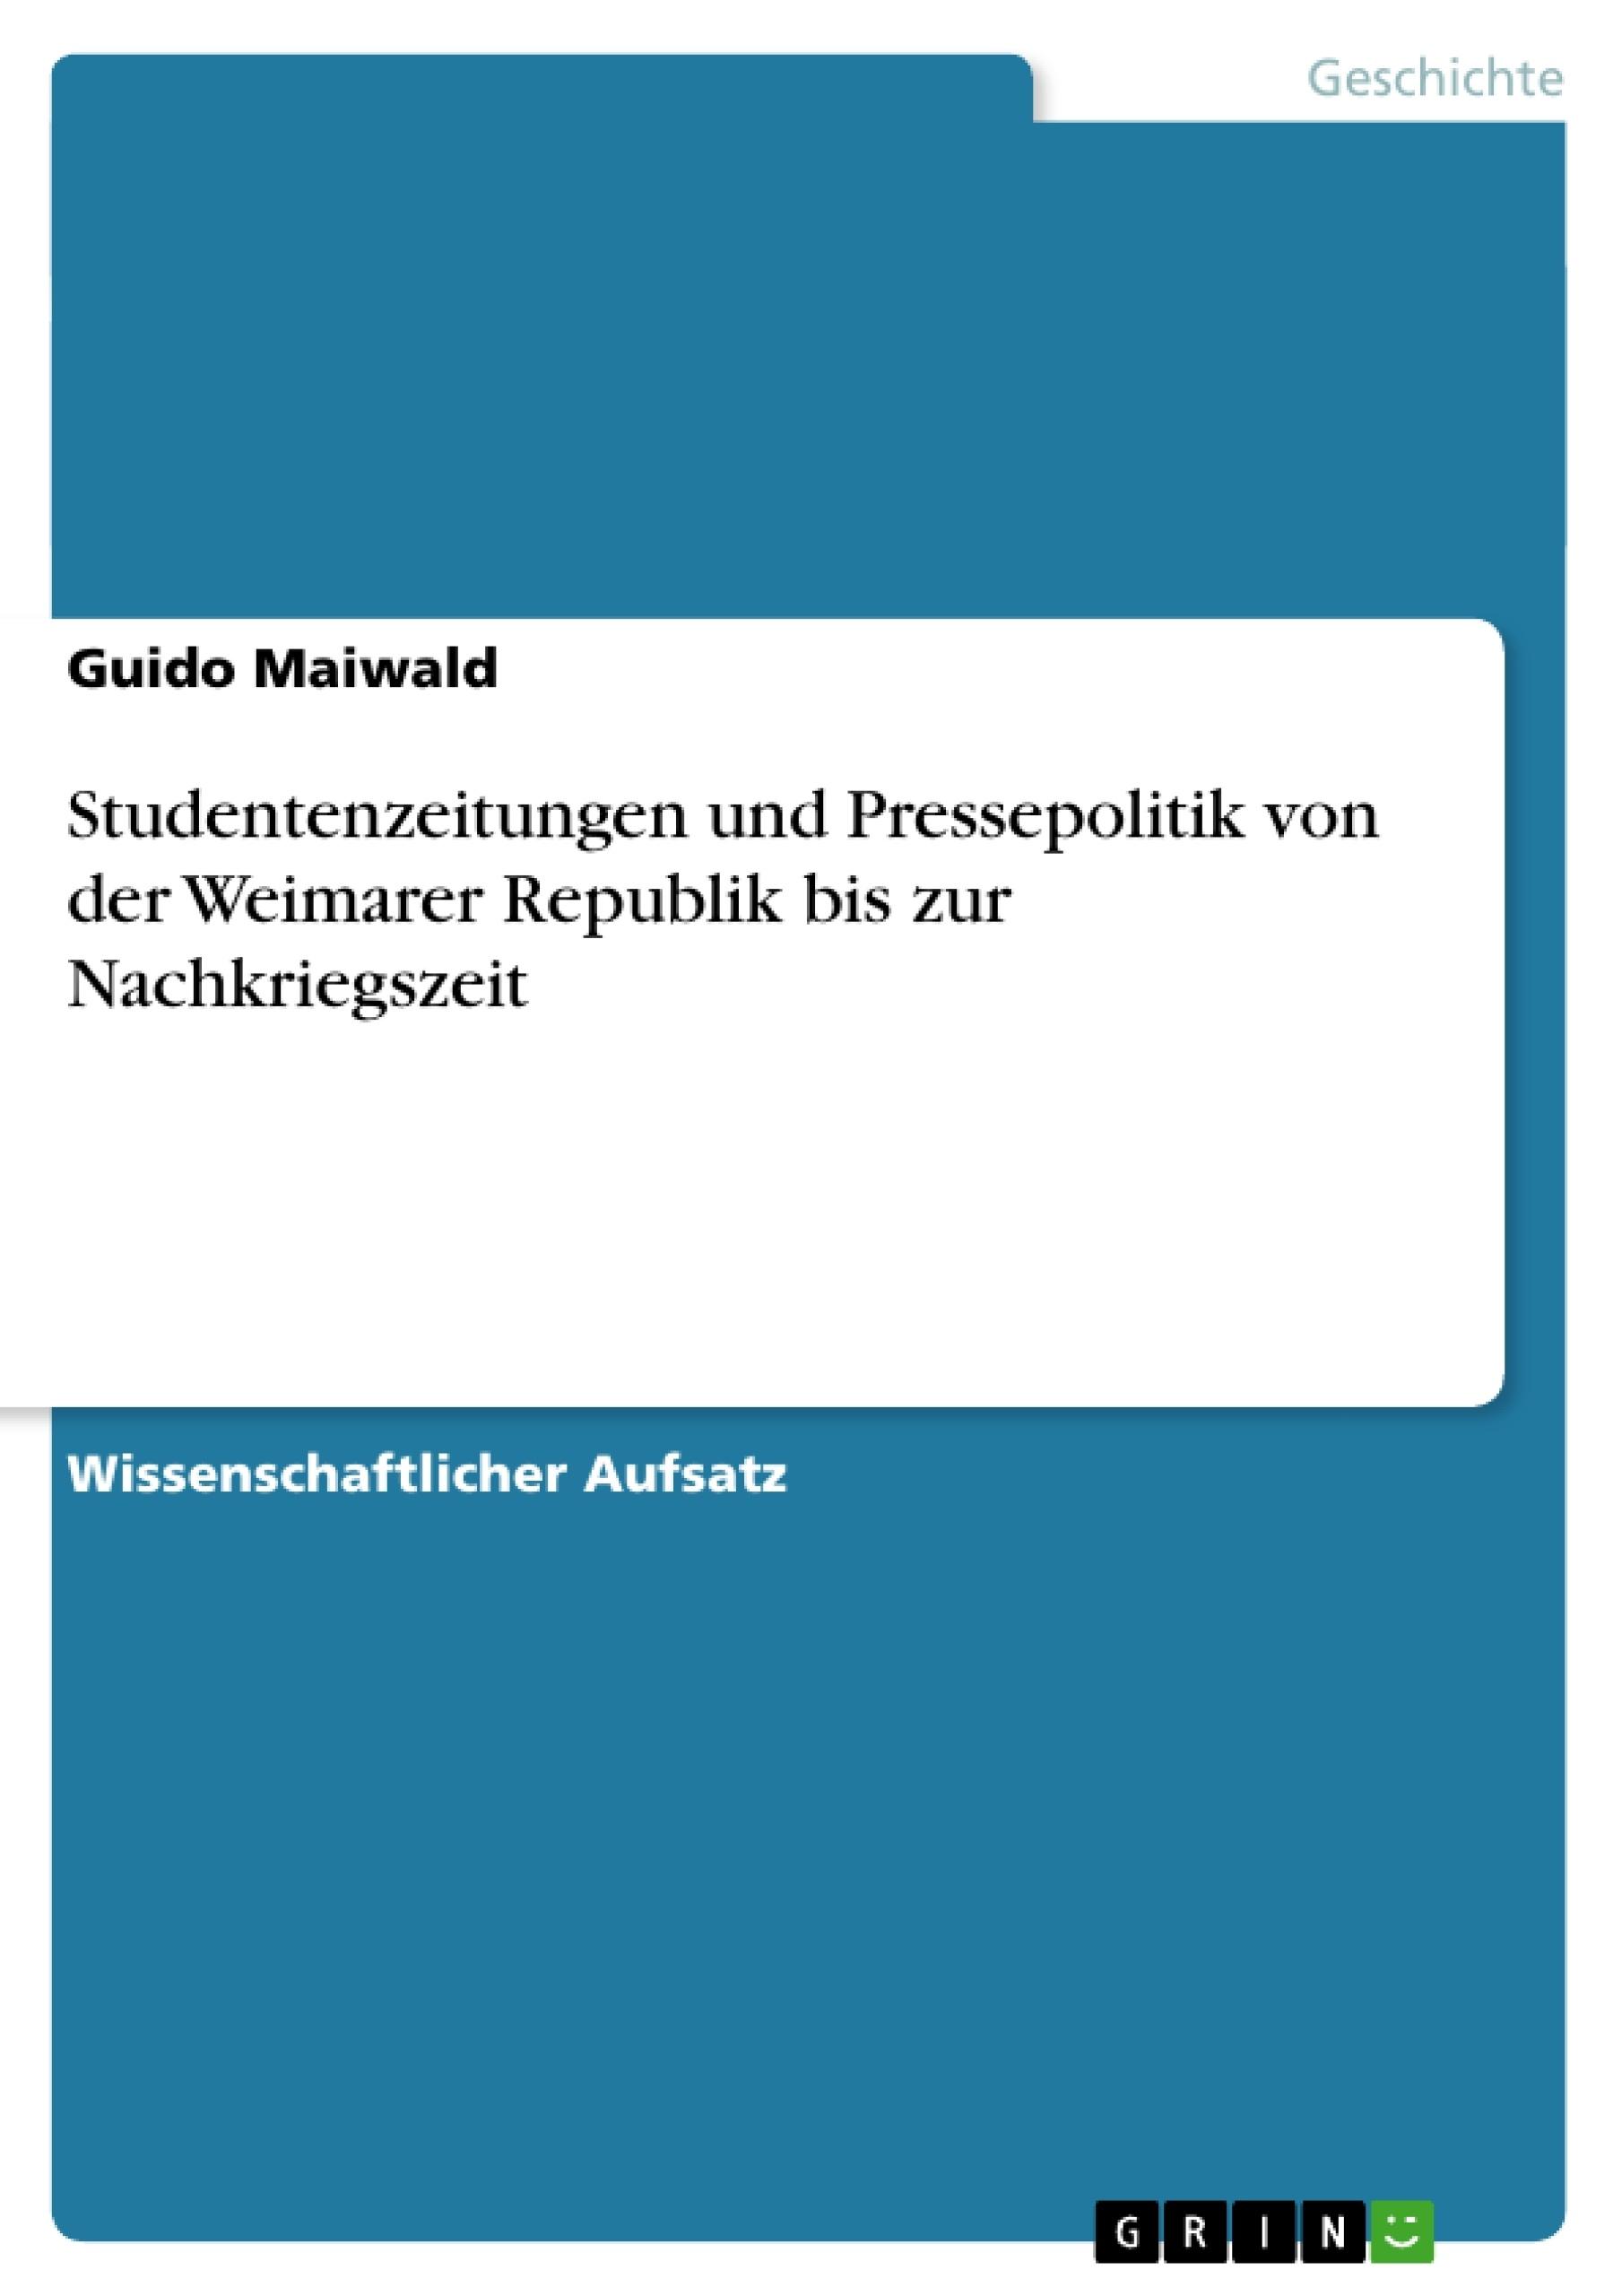 Titel: Studentenzeitungen und Pressepolitik von der Weimarer Republik bis zur Nachkriegszeit